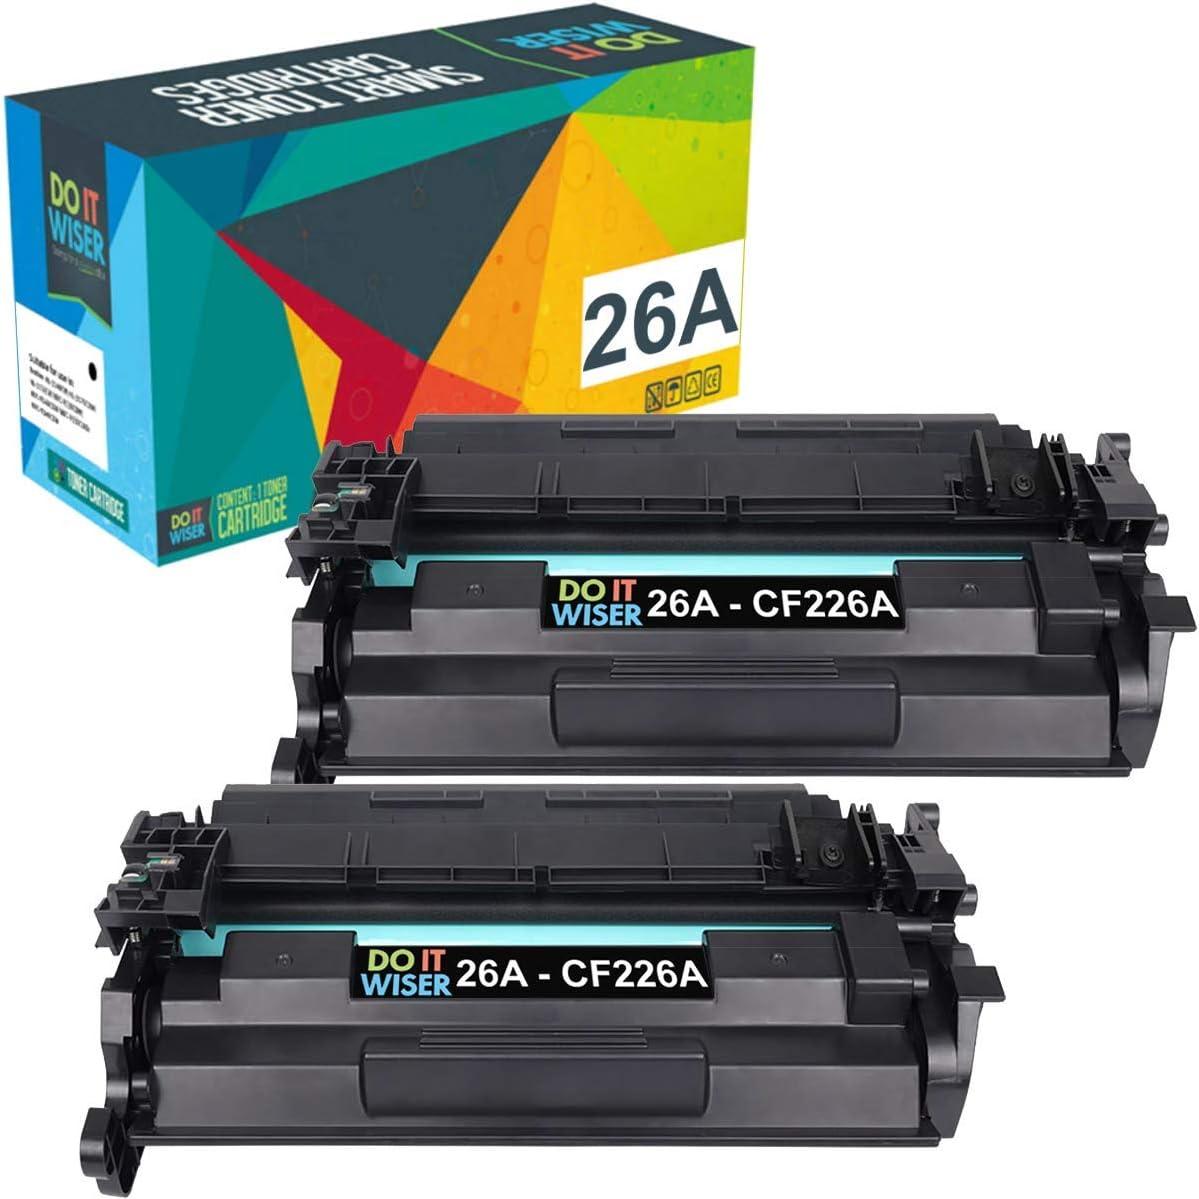 Do it Wiser Compatible Toner Cartridge Replacement for HP 26A CF226A 26X CF226X Laserjet Pro M402n M402dn M426 M402d M402dw Laser Jet MFP M426fdw M426fdn M402 M426dw Printer Ink (Black, 2-Pack)